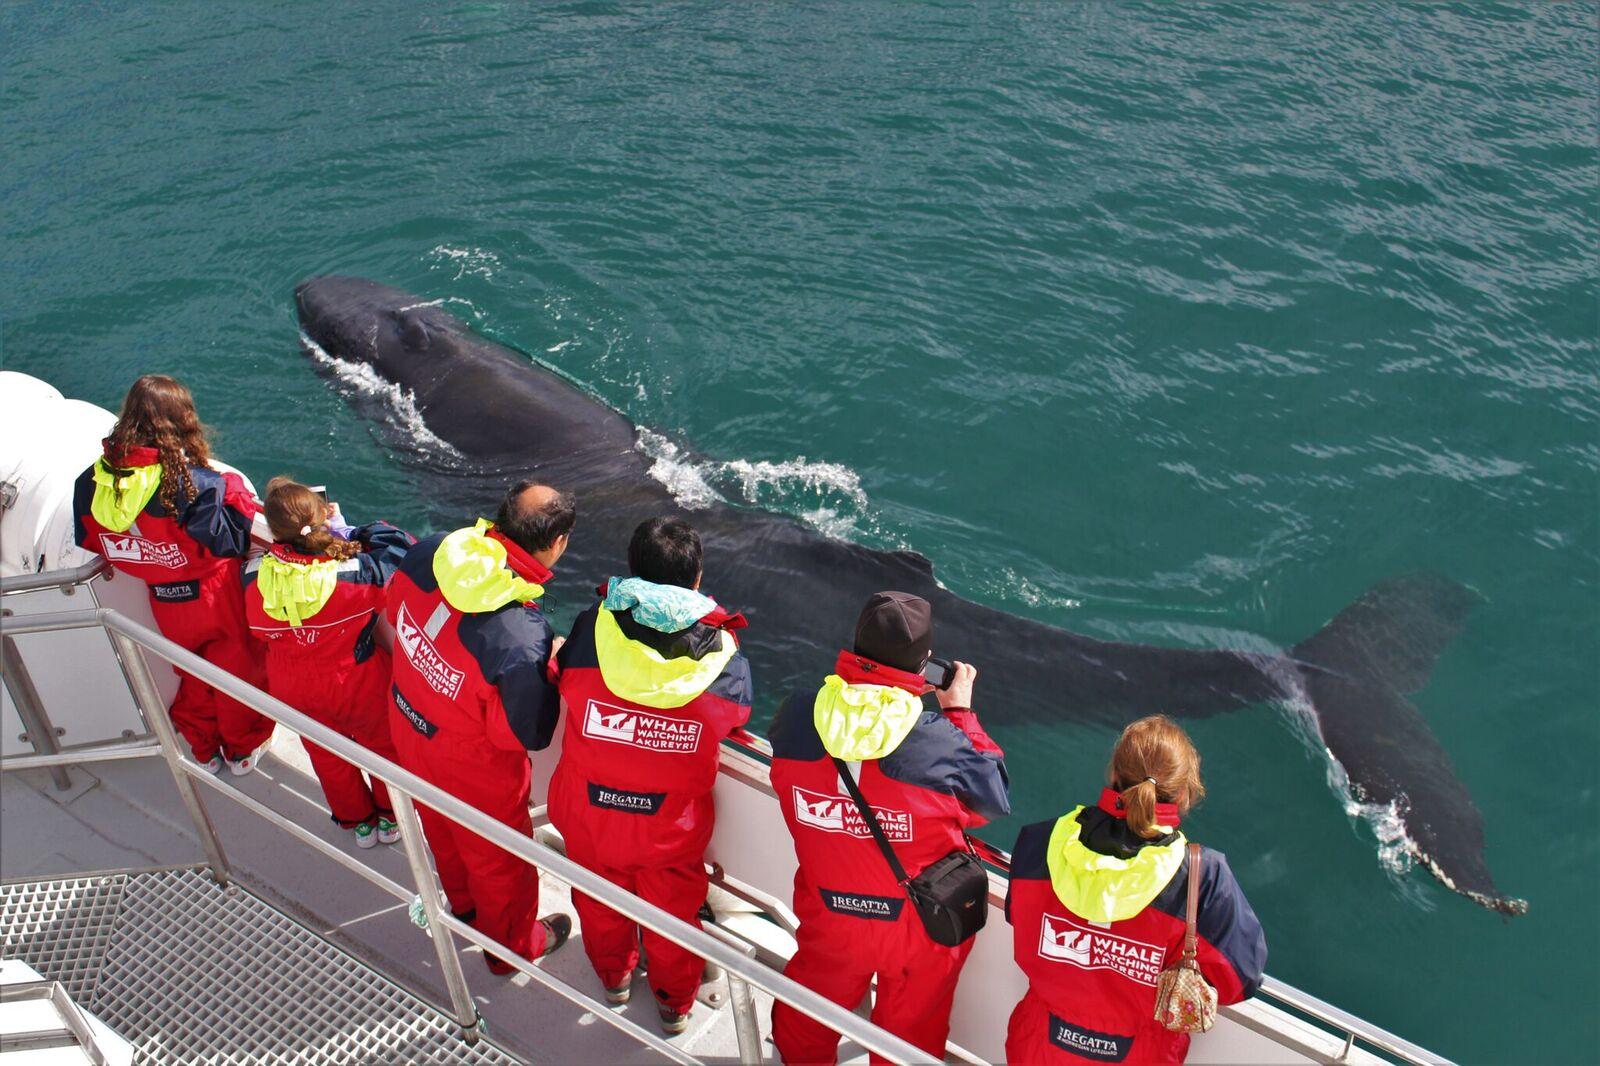 Sono fornite tute calde durante questo tour di osservazione delle balene da Akureyri.